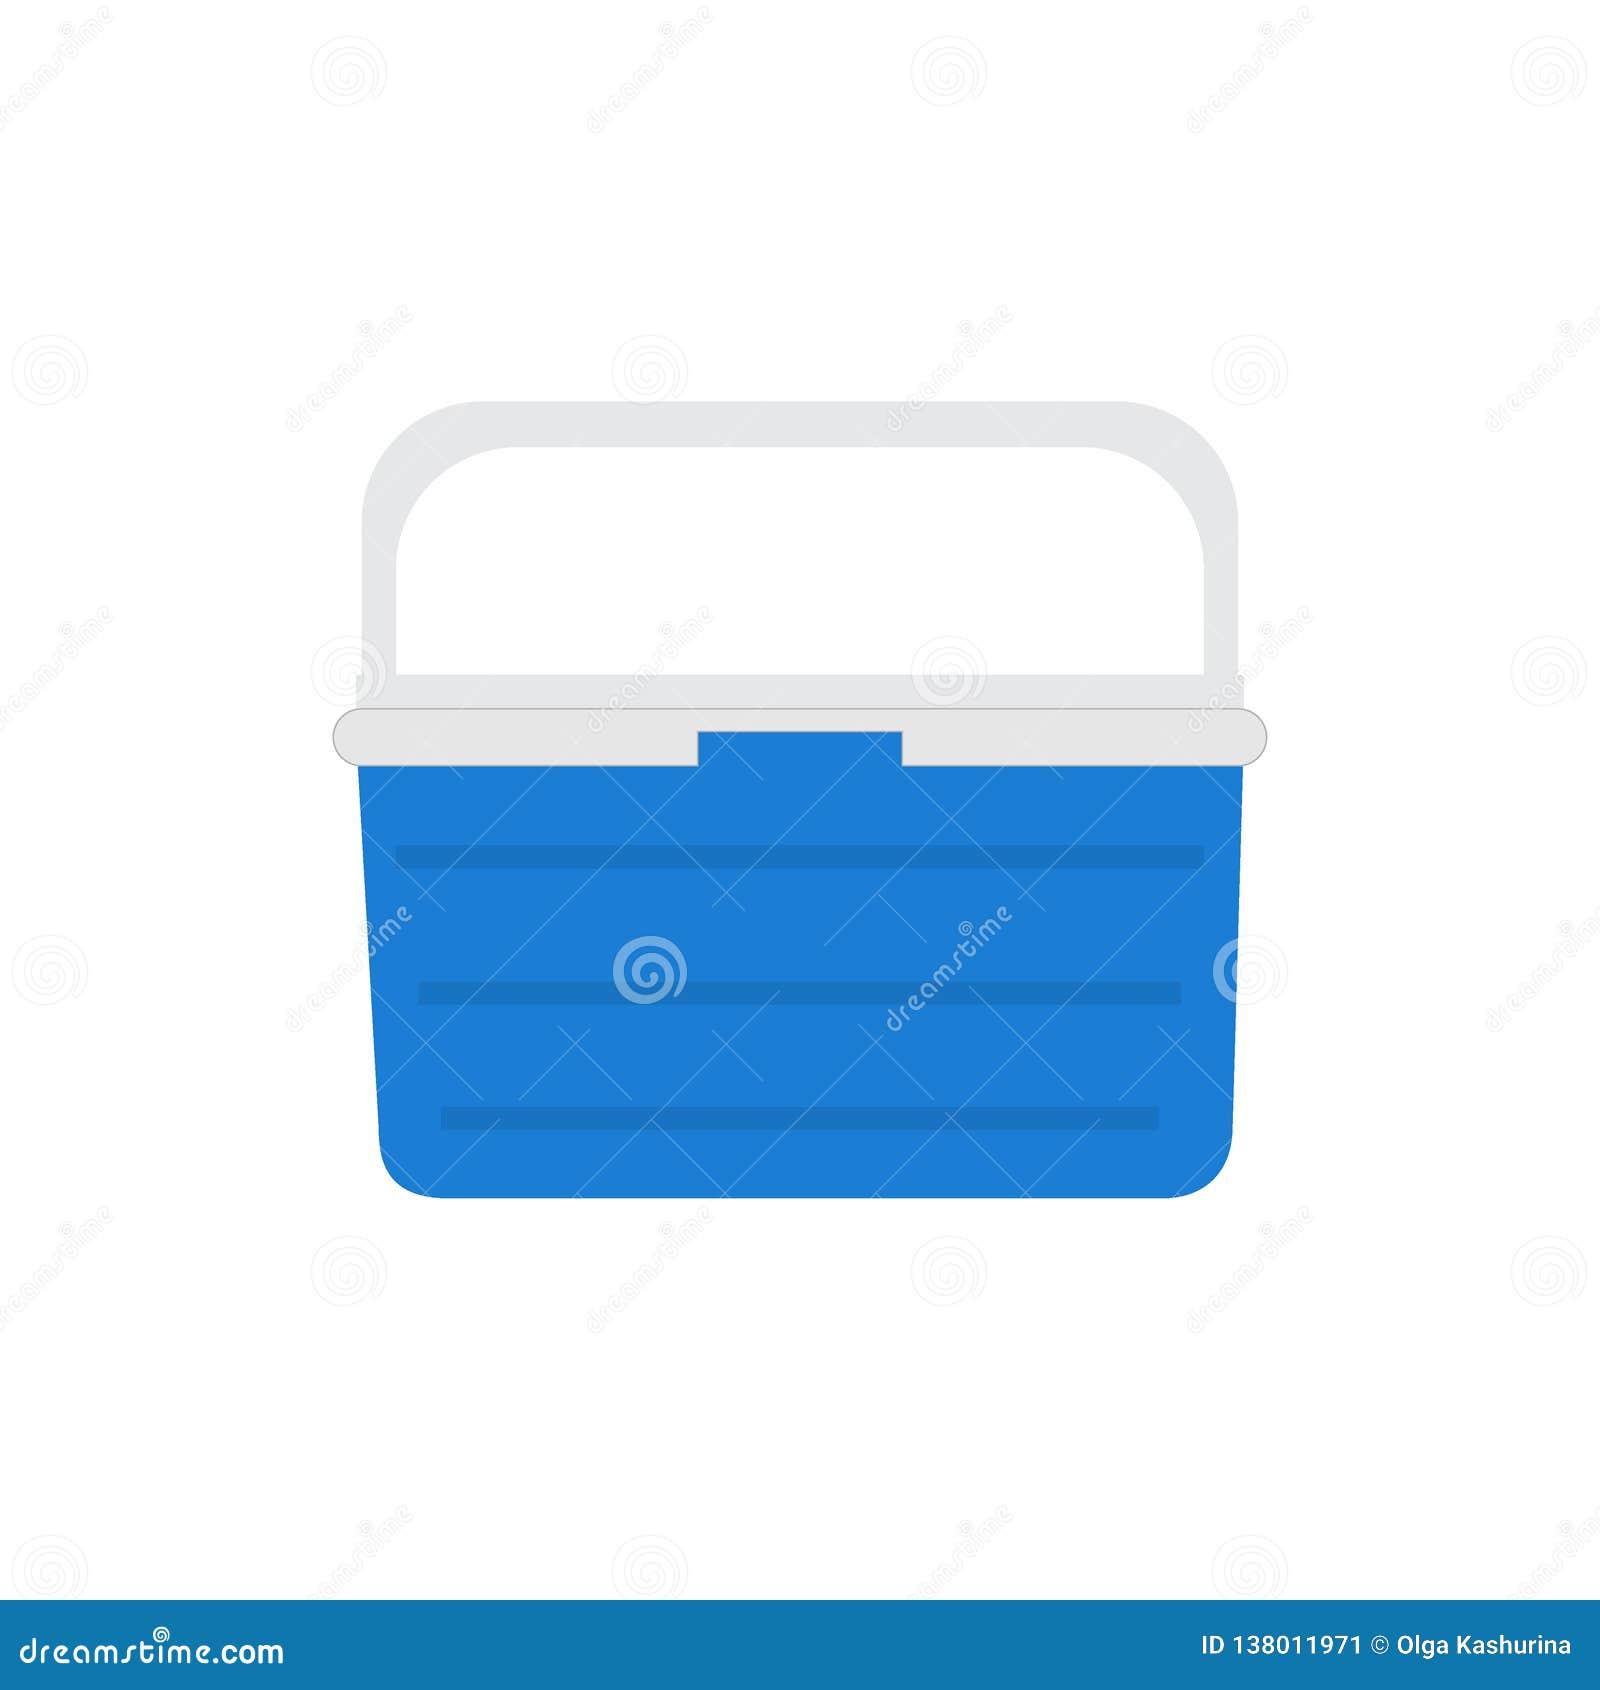 Handheld голубой холодильник, охладитель льда для пикника или располагаться лагерем Иллюстрация вектора, изолированная над белой